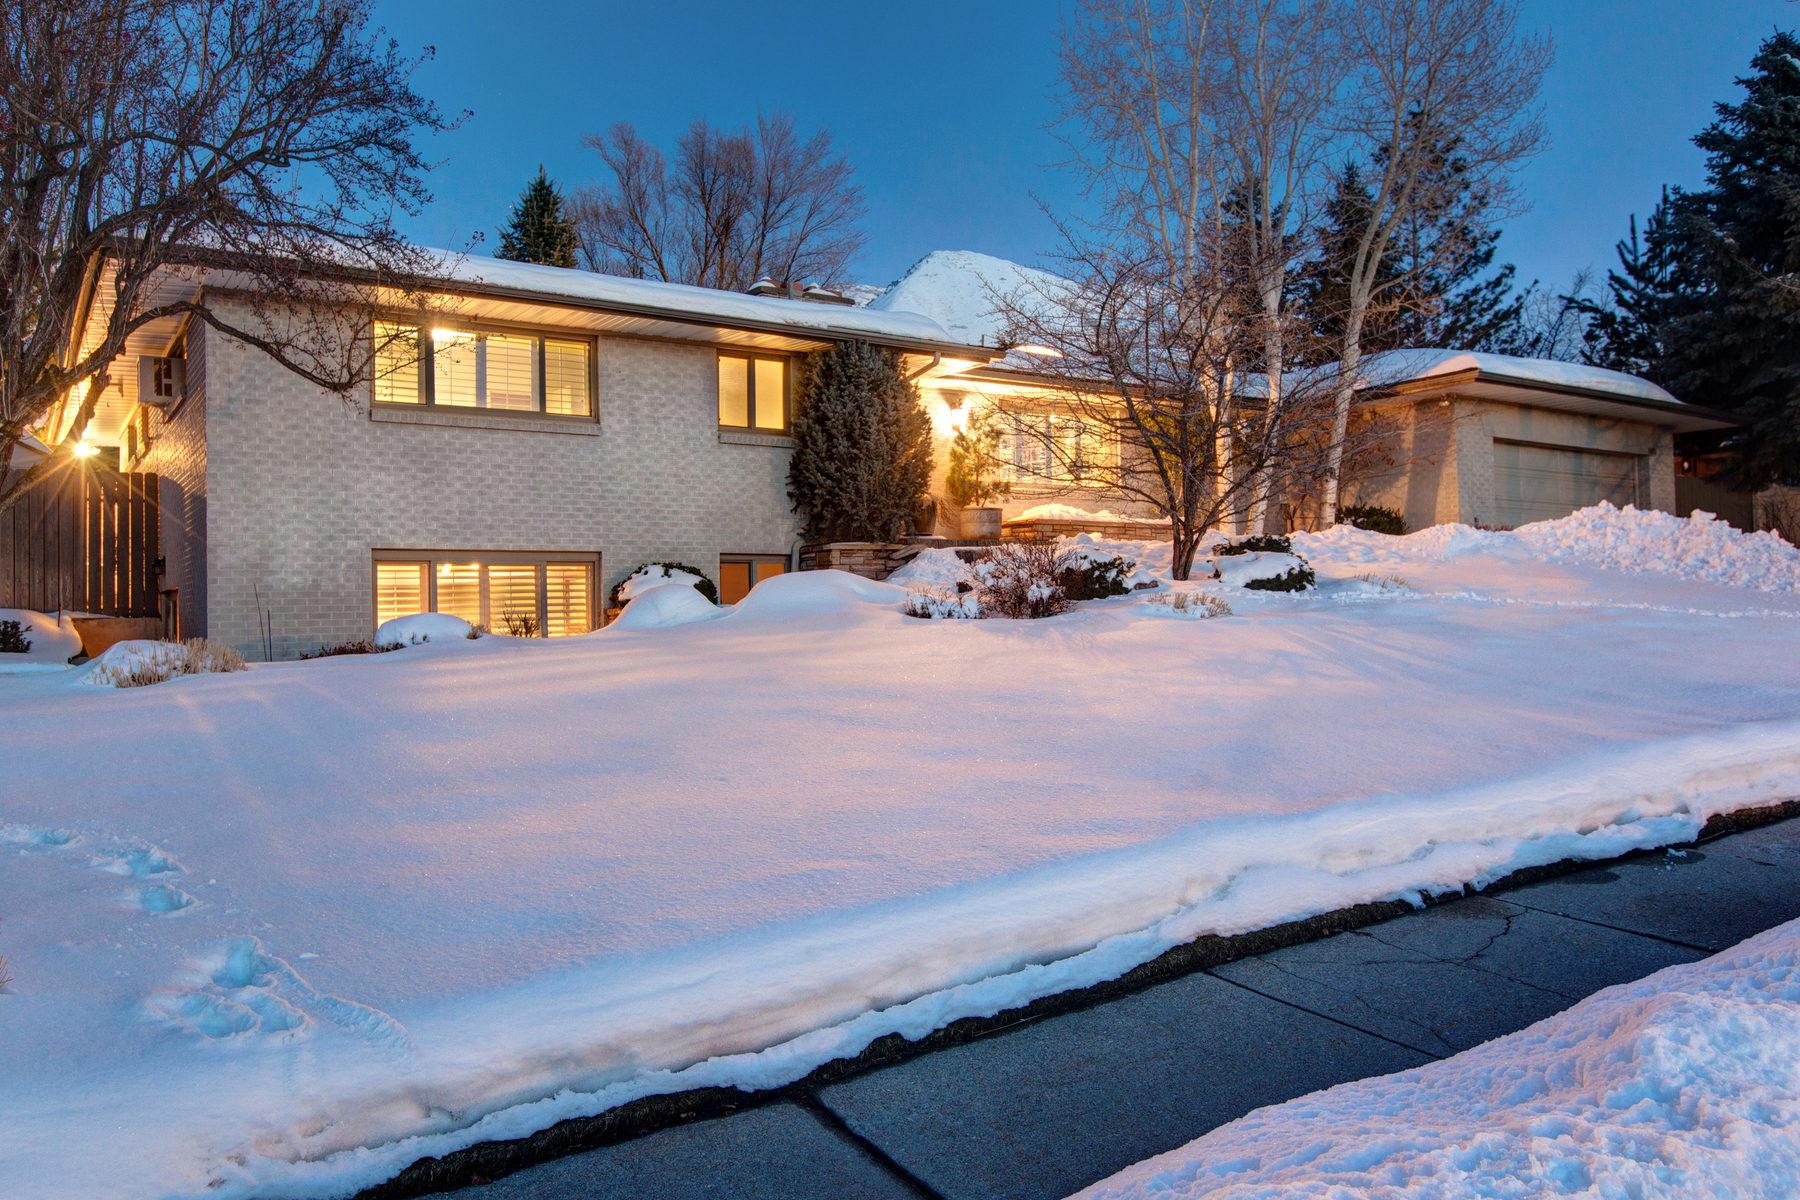 Частный односемейный дом для того Продажа на Charming St. Mary's Rambler 1165 S Oak Hills Dr Salt Lake City, Юта, 84108 Соединенные Штаты